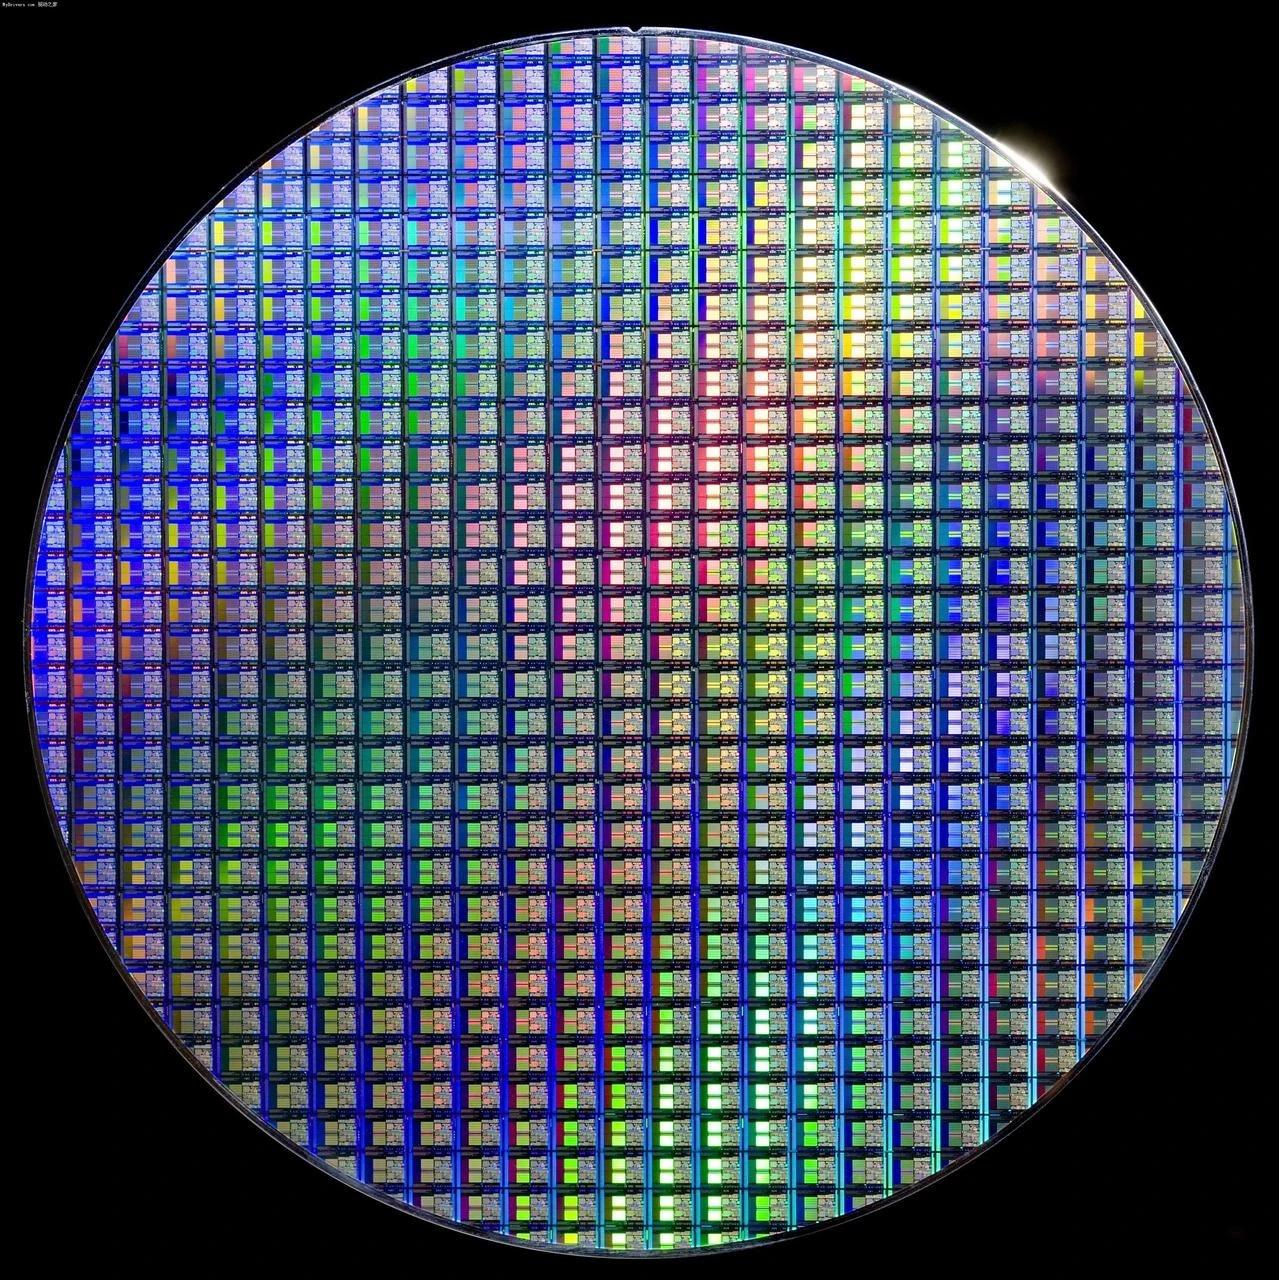 12インチシリコンウエハ集積回路包茎オタクおもちゃ飾り単結晶板チップ ...